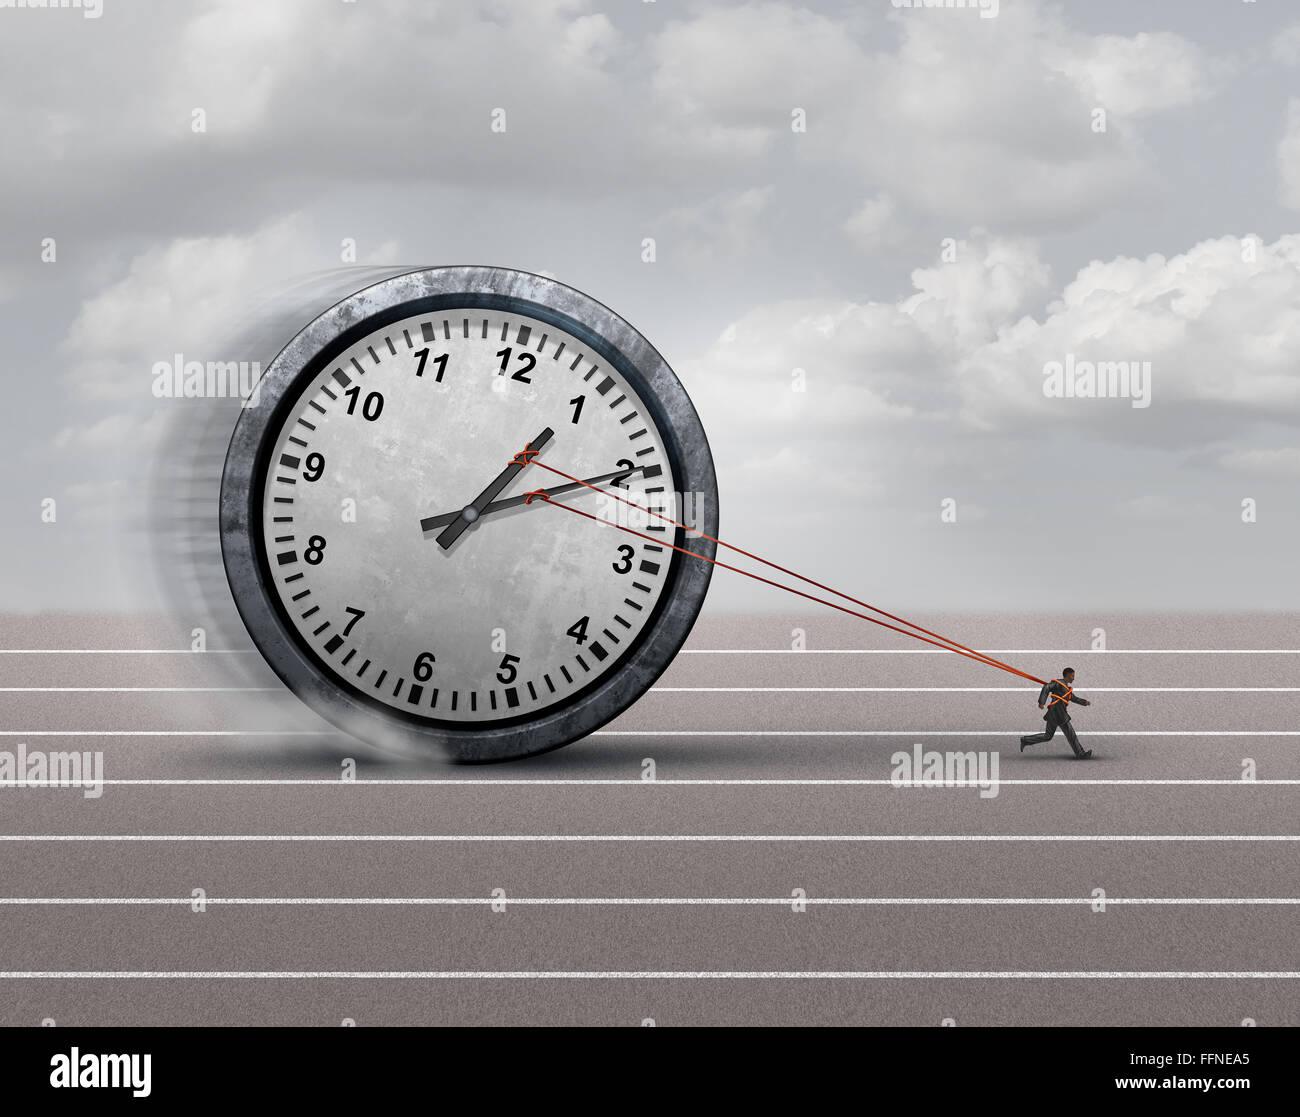 Carga de tiempo concepto de negocio como un empresario agobiado o empleado tirando de un pesado reloj como un símbolo Imagen De Stock